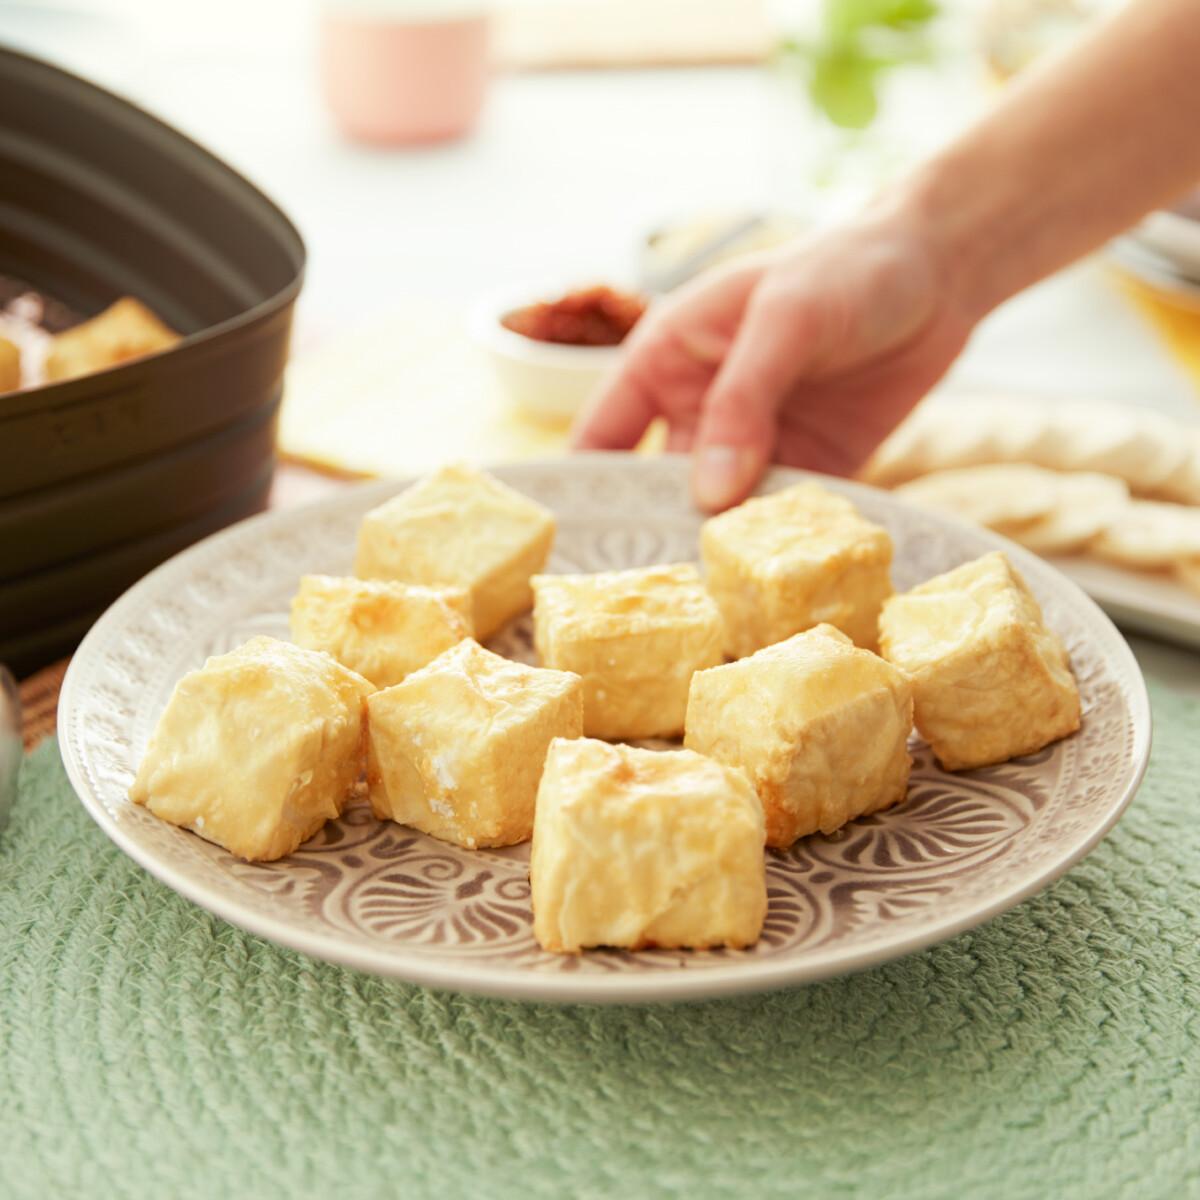 Bundában sült tofu Philips Airfryerben készítve